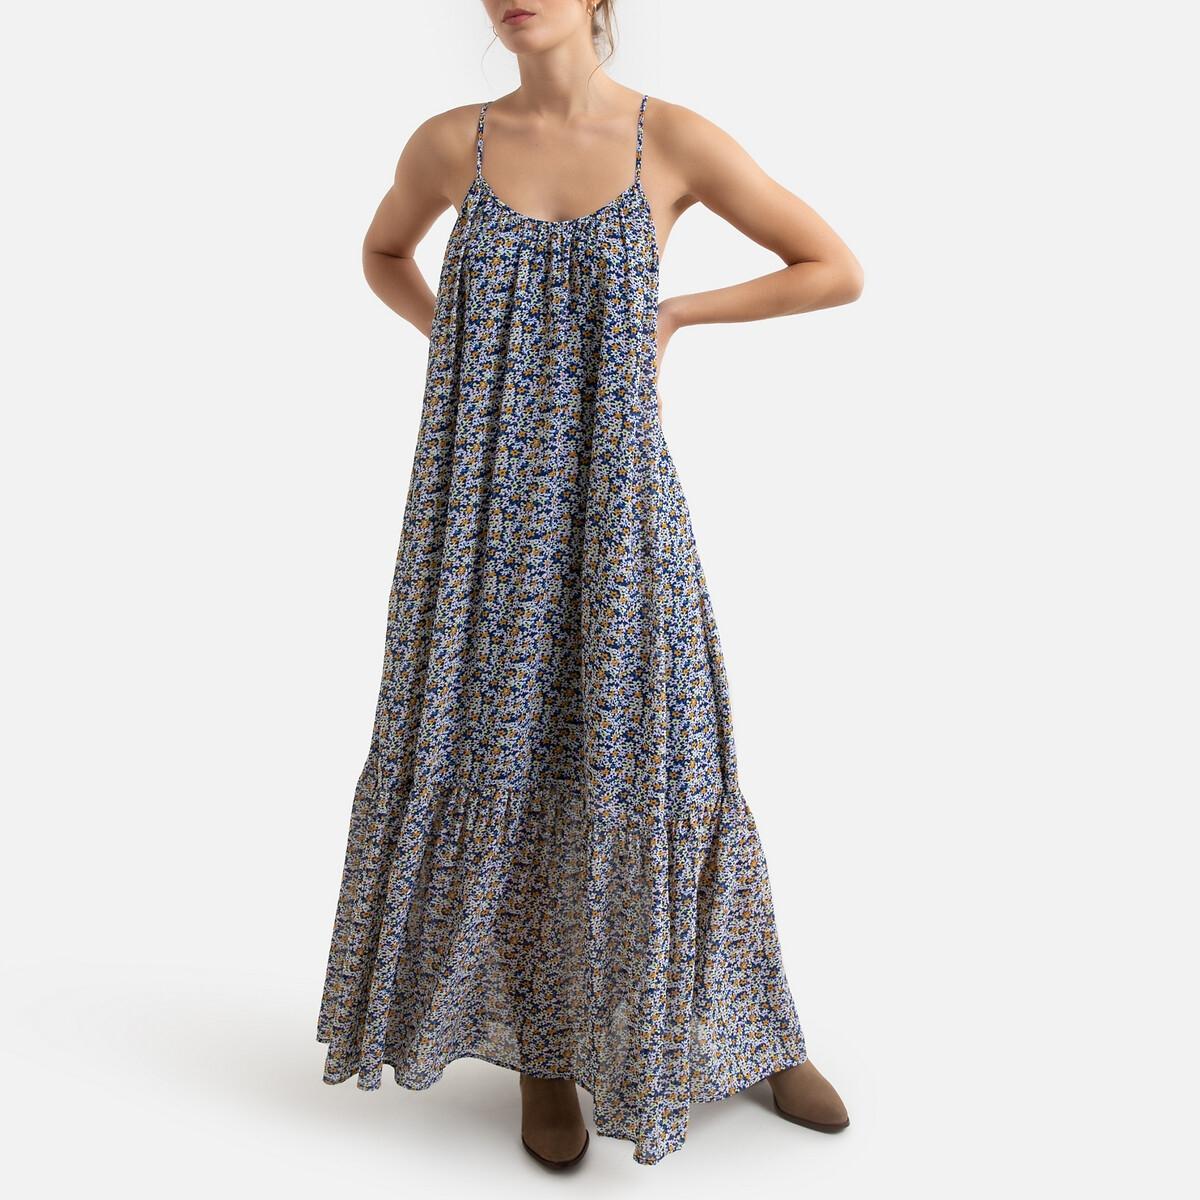 Платье LaRedoute Длинное с рисунком XS разноцветный платье la redoute расклешенное на тонких бретелях с рисунком 3 12 лет 8 лет 126 см розовый